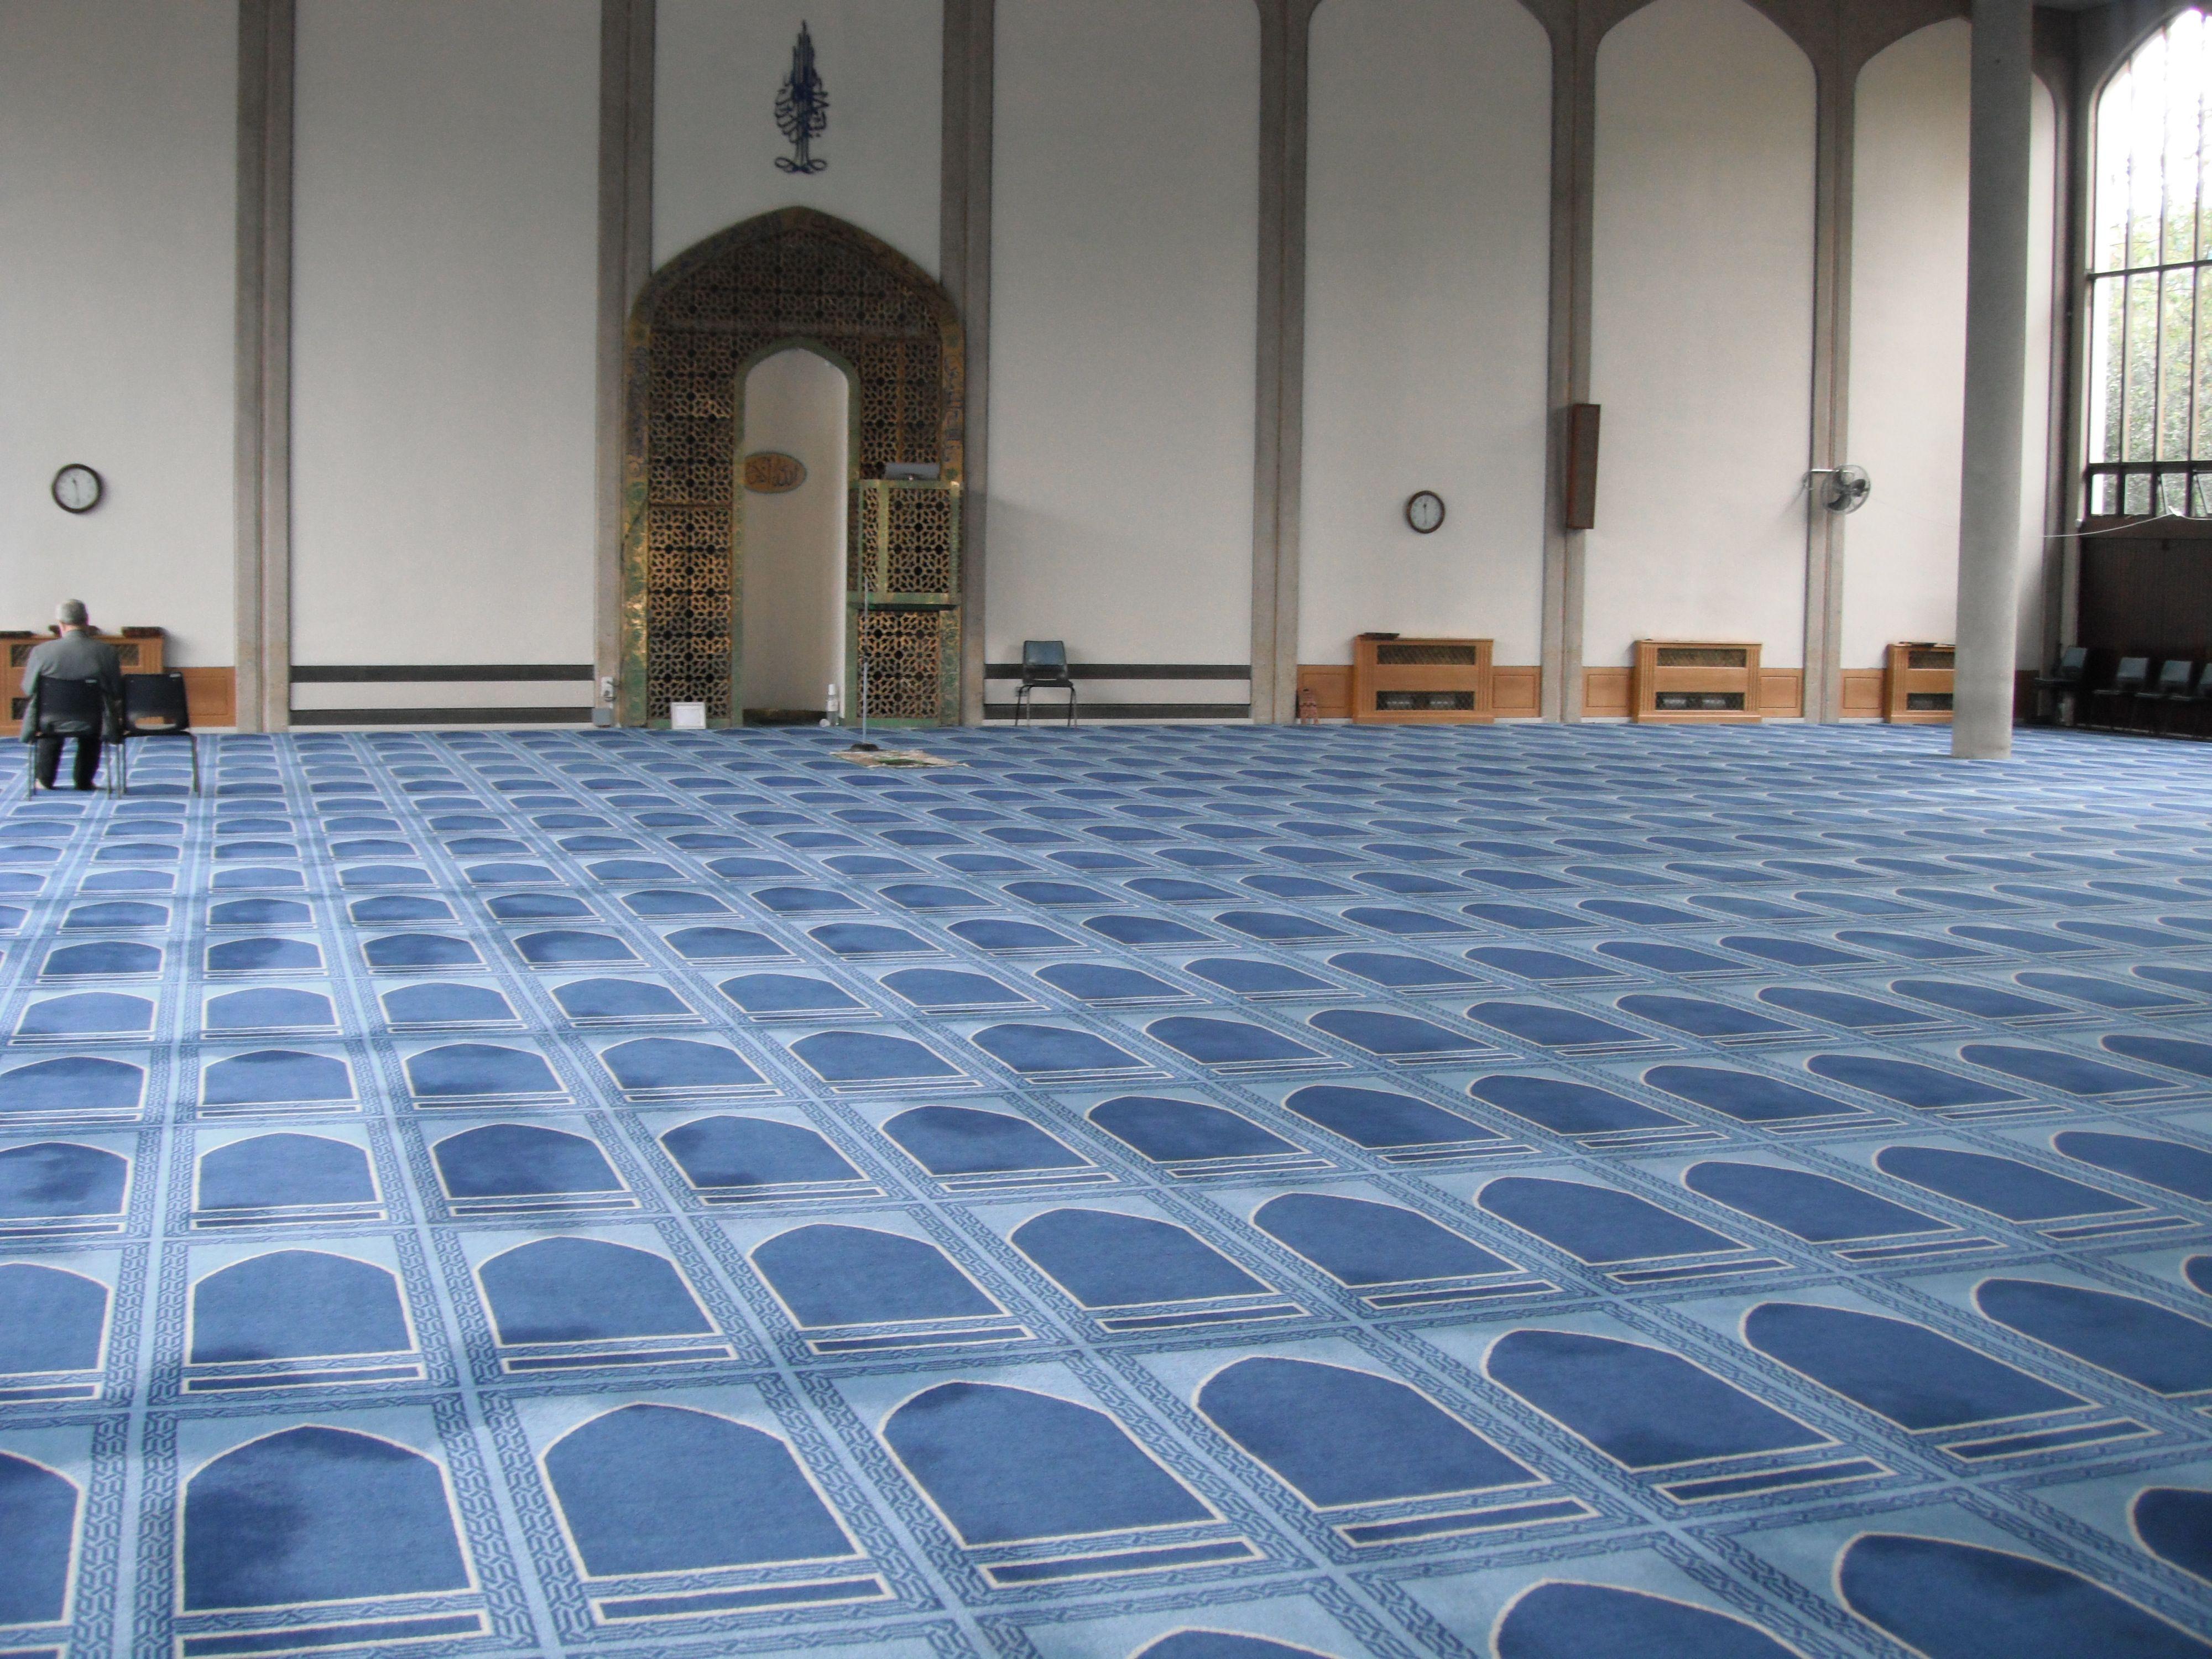 Mosque Carpets Interior Designing In Dubai Baniyasfurniture Ae Best Interior Design Websites Mosque Interior Design Dubai